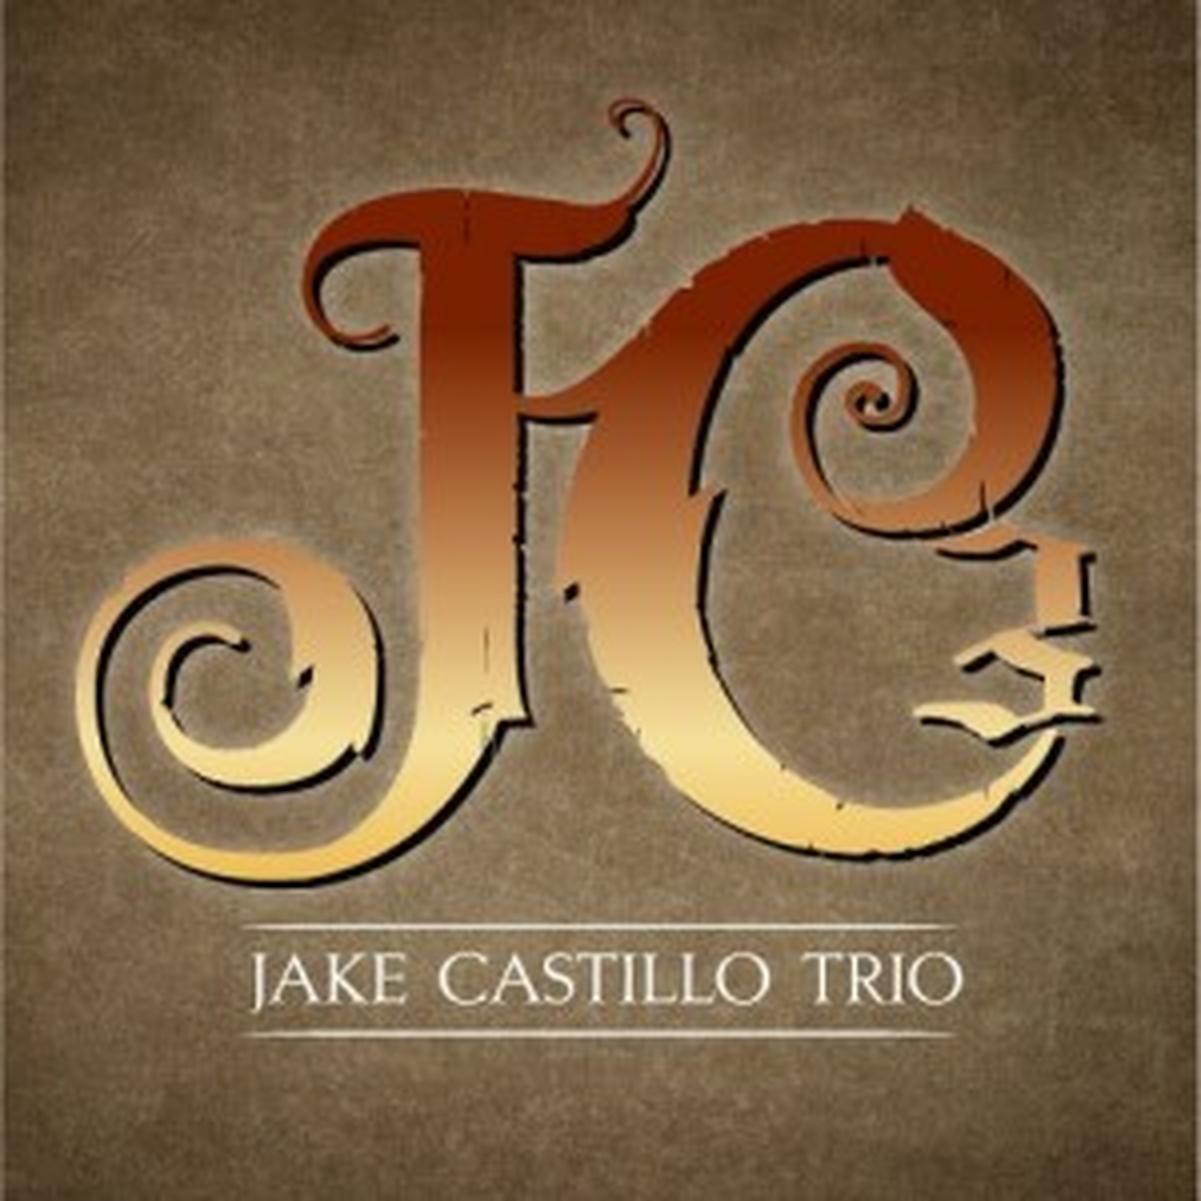 Jake Castillo Trio